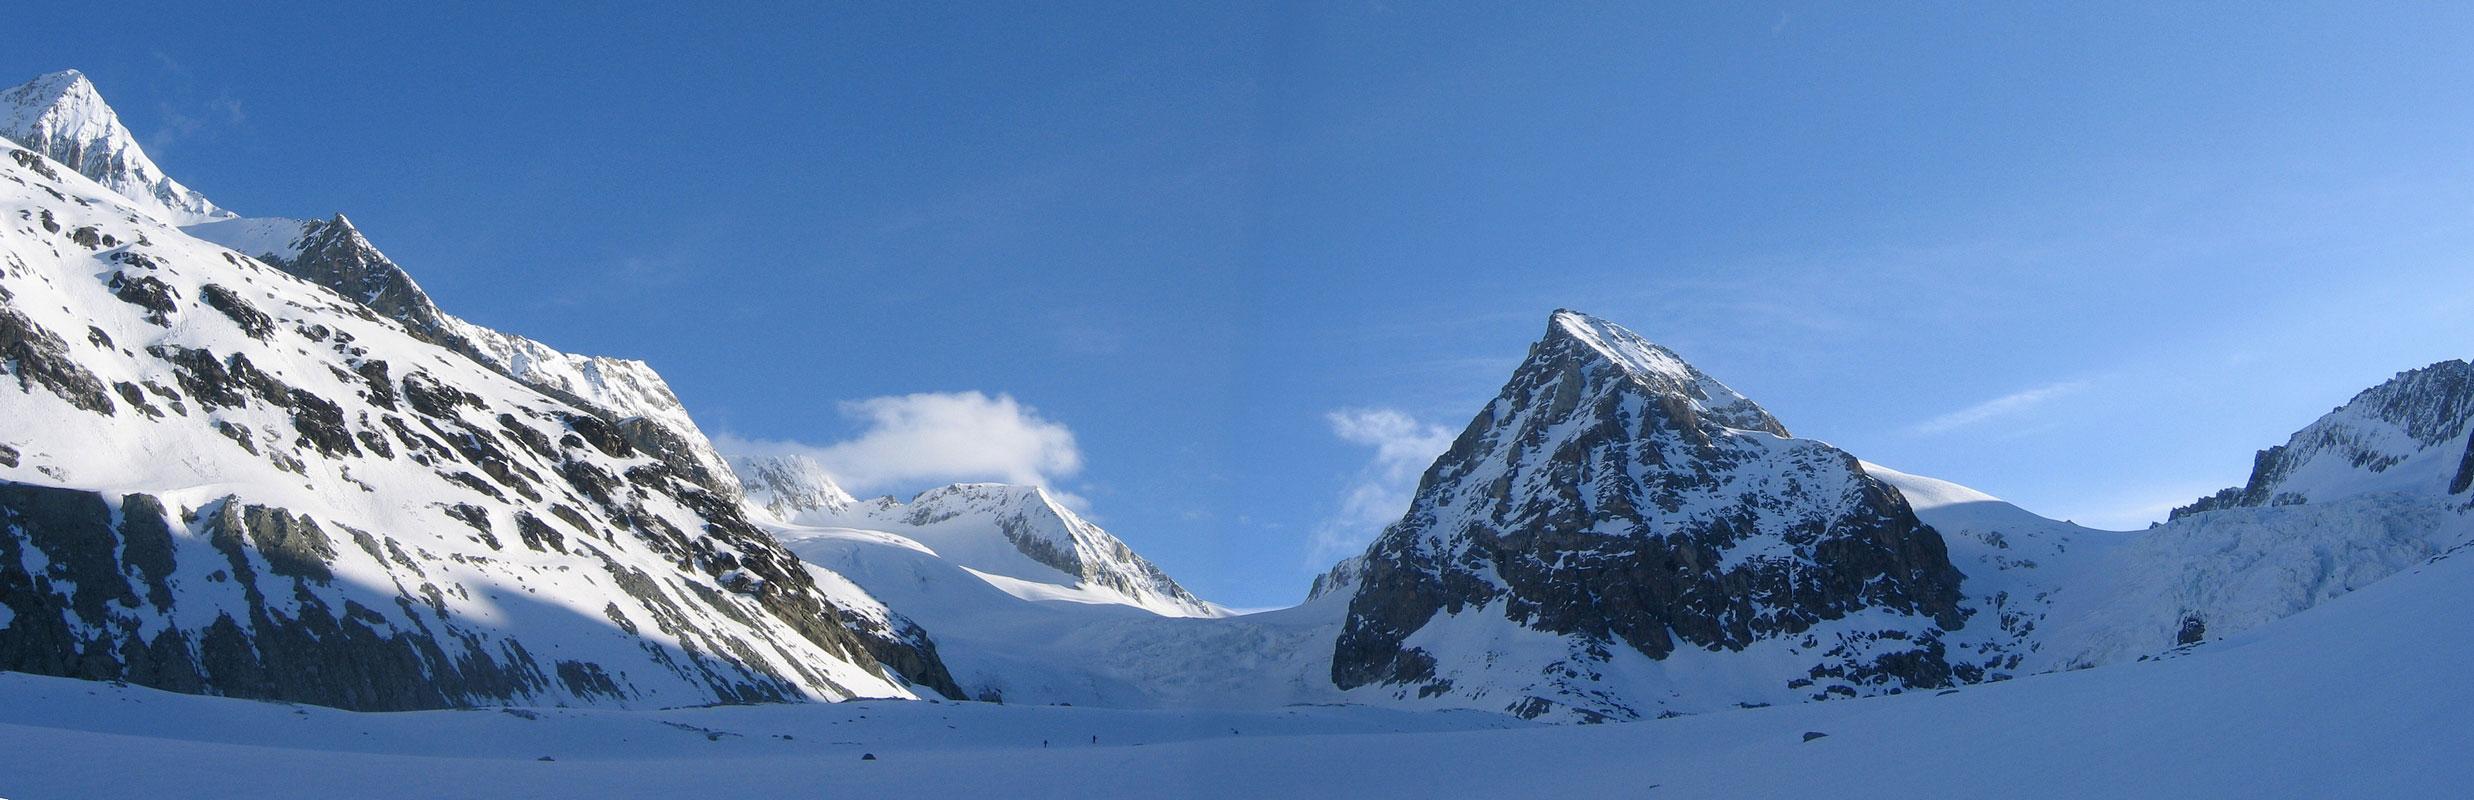 Pigne Arolla, Day 5 H.R. Chamonix-Zermatt Walliser Alpen / Alpes valaisannes Schweiz panorama 27